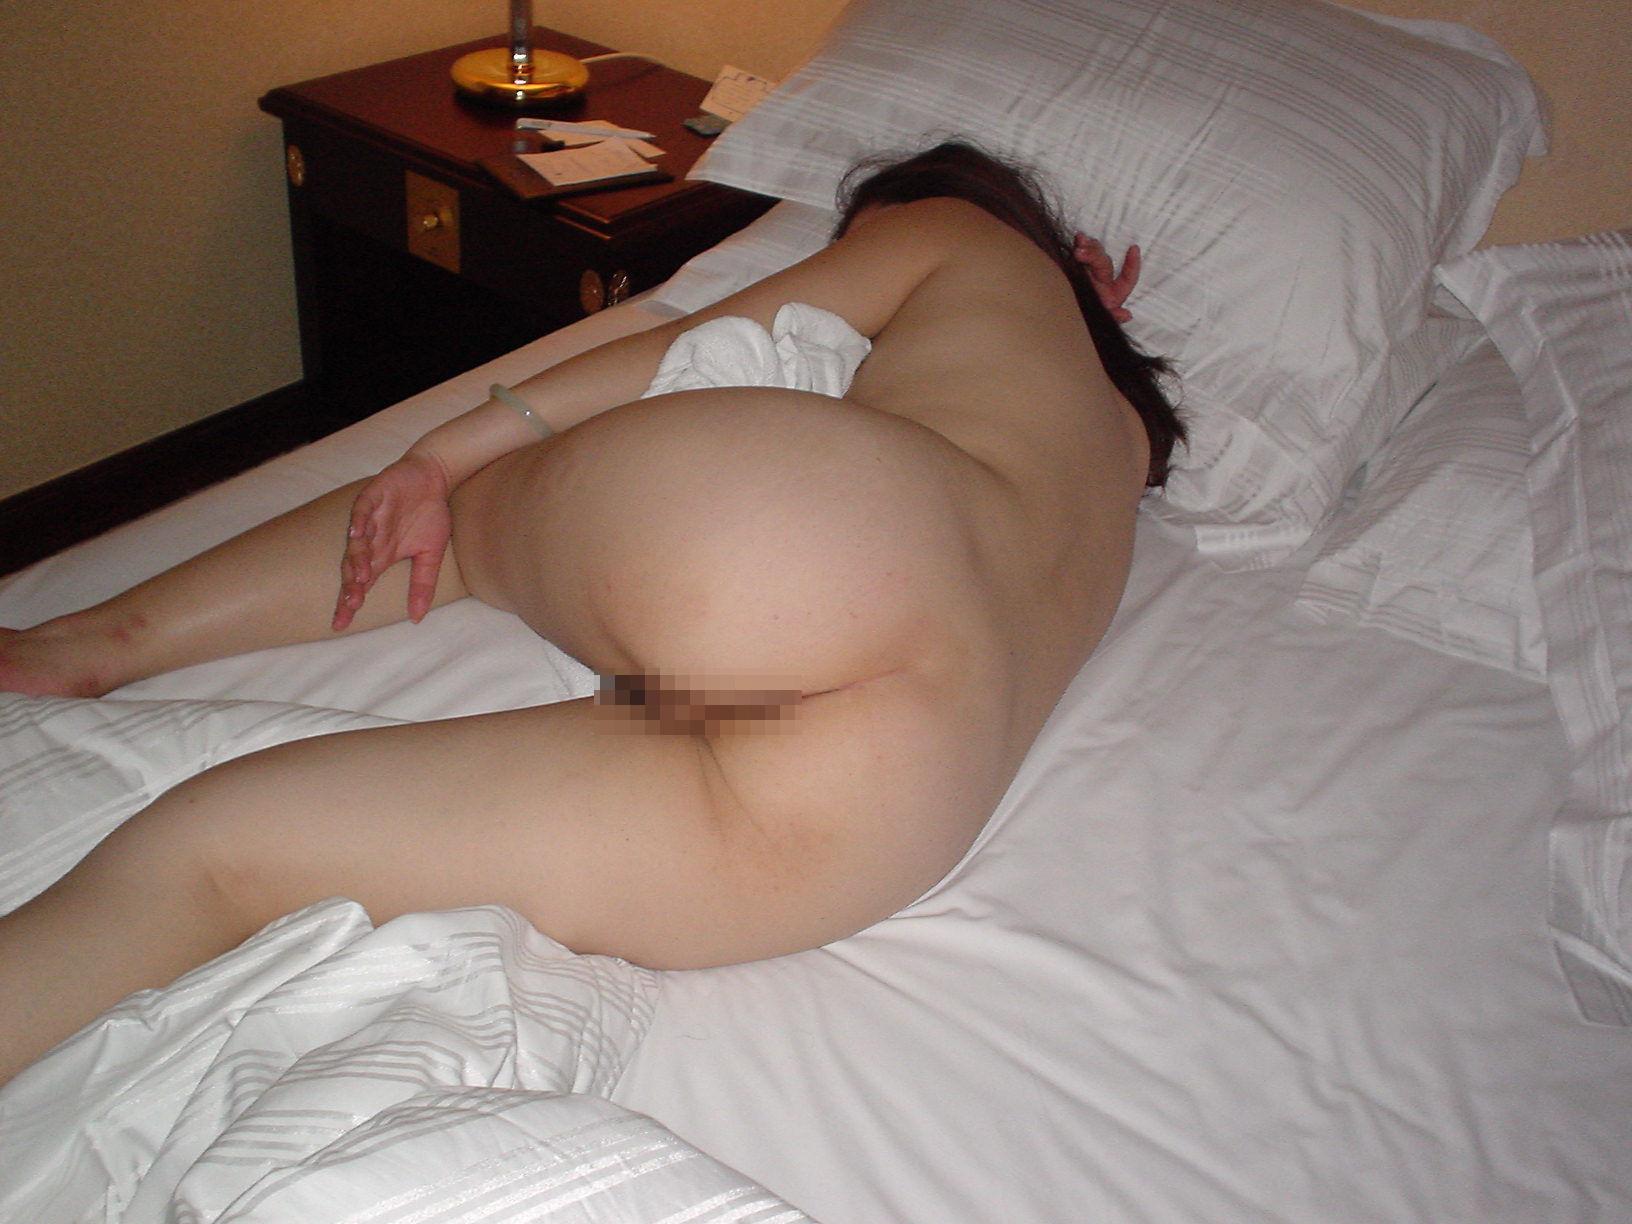 【美尻エロ画像】寝ているところお邪魔します!深夜にこっそり生尻チェック(σ´Д`)σ